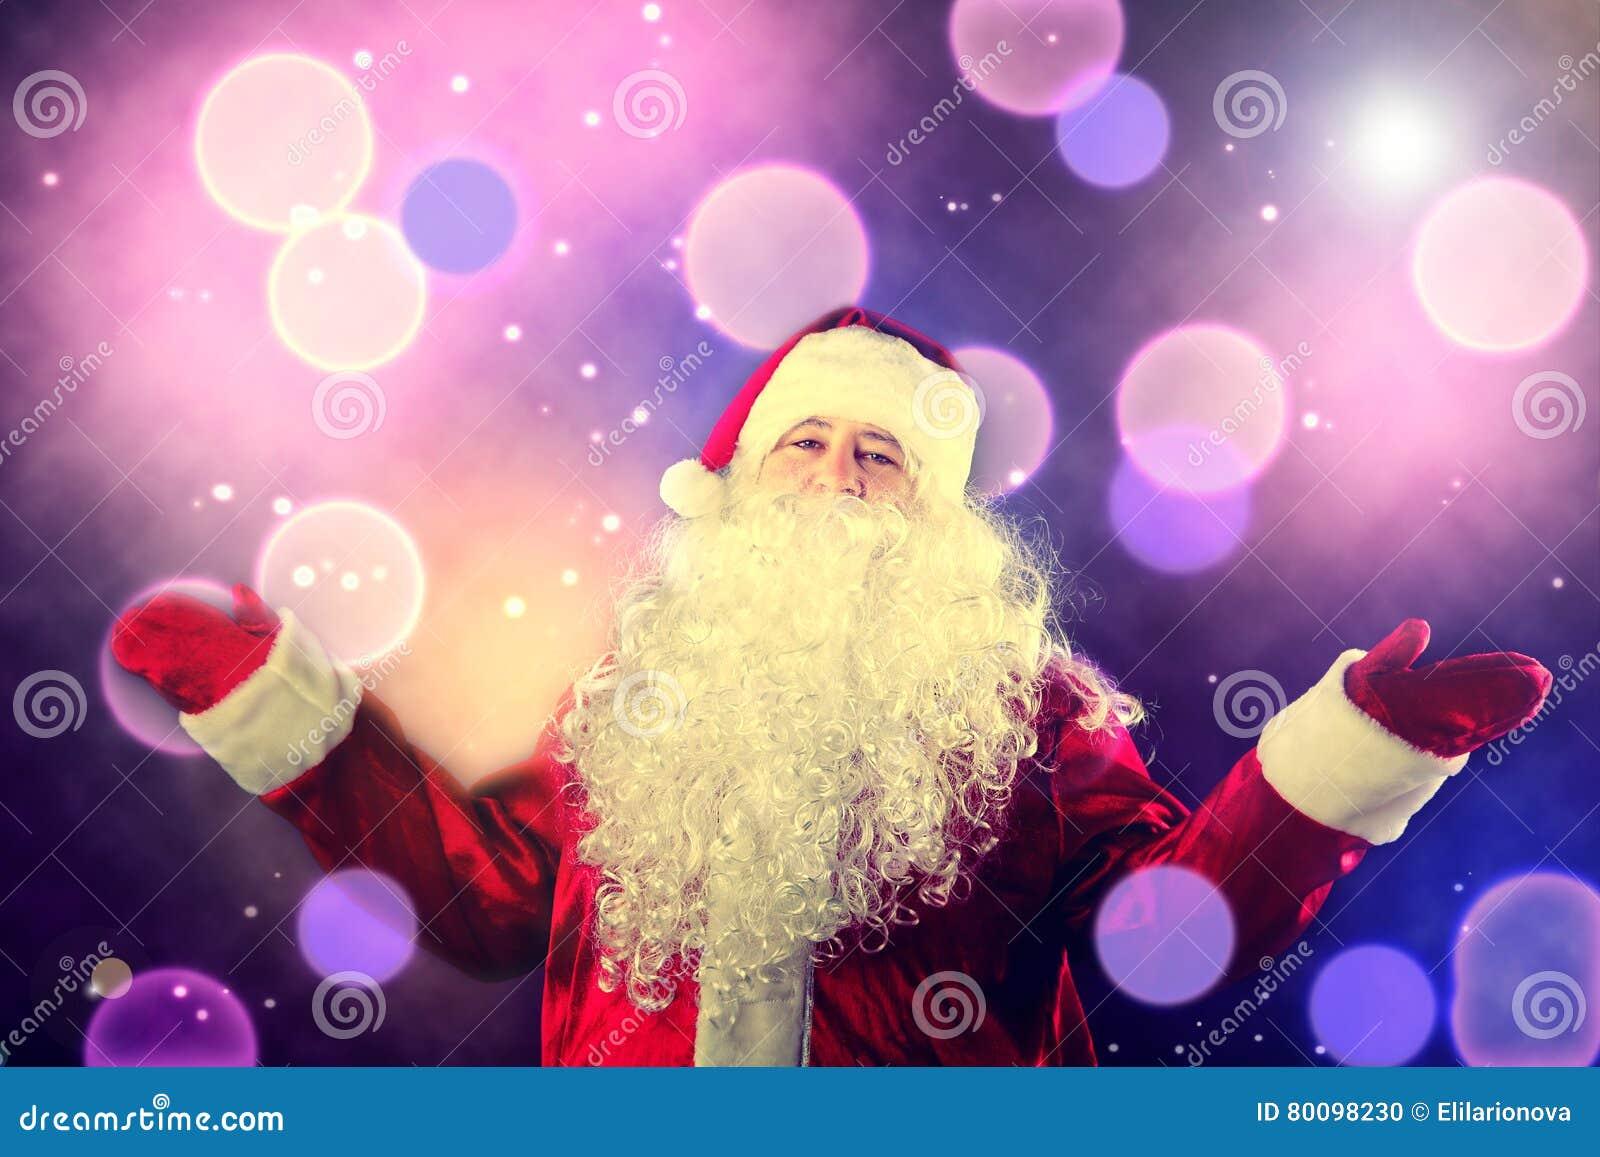 Retrato de Santa Claus de sorriso